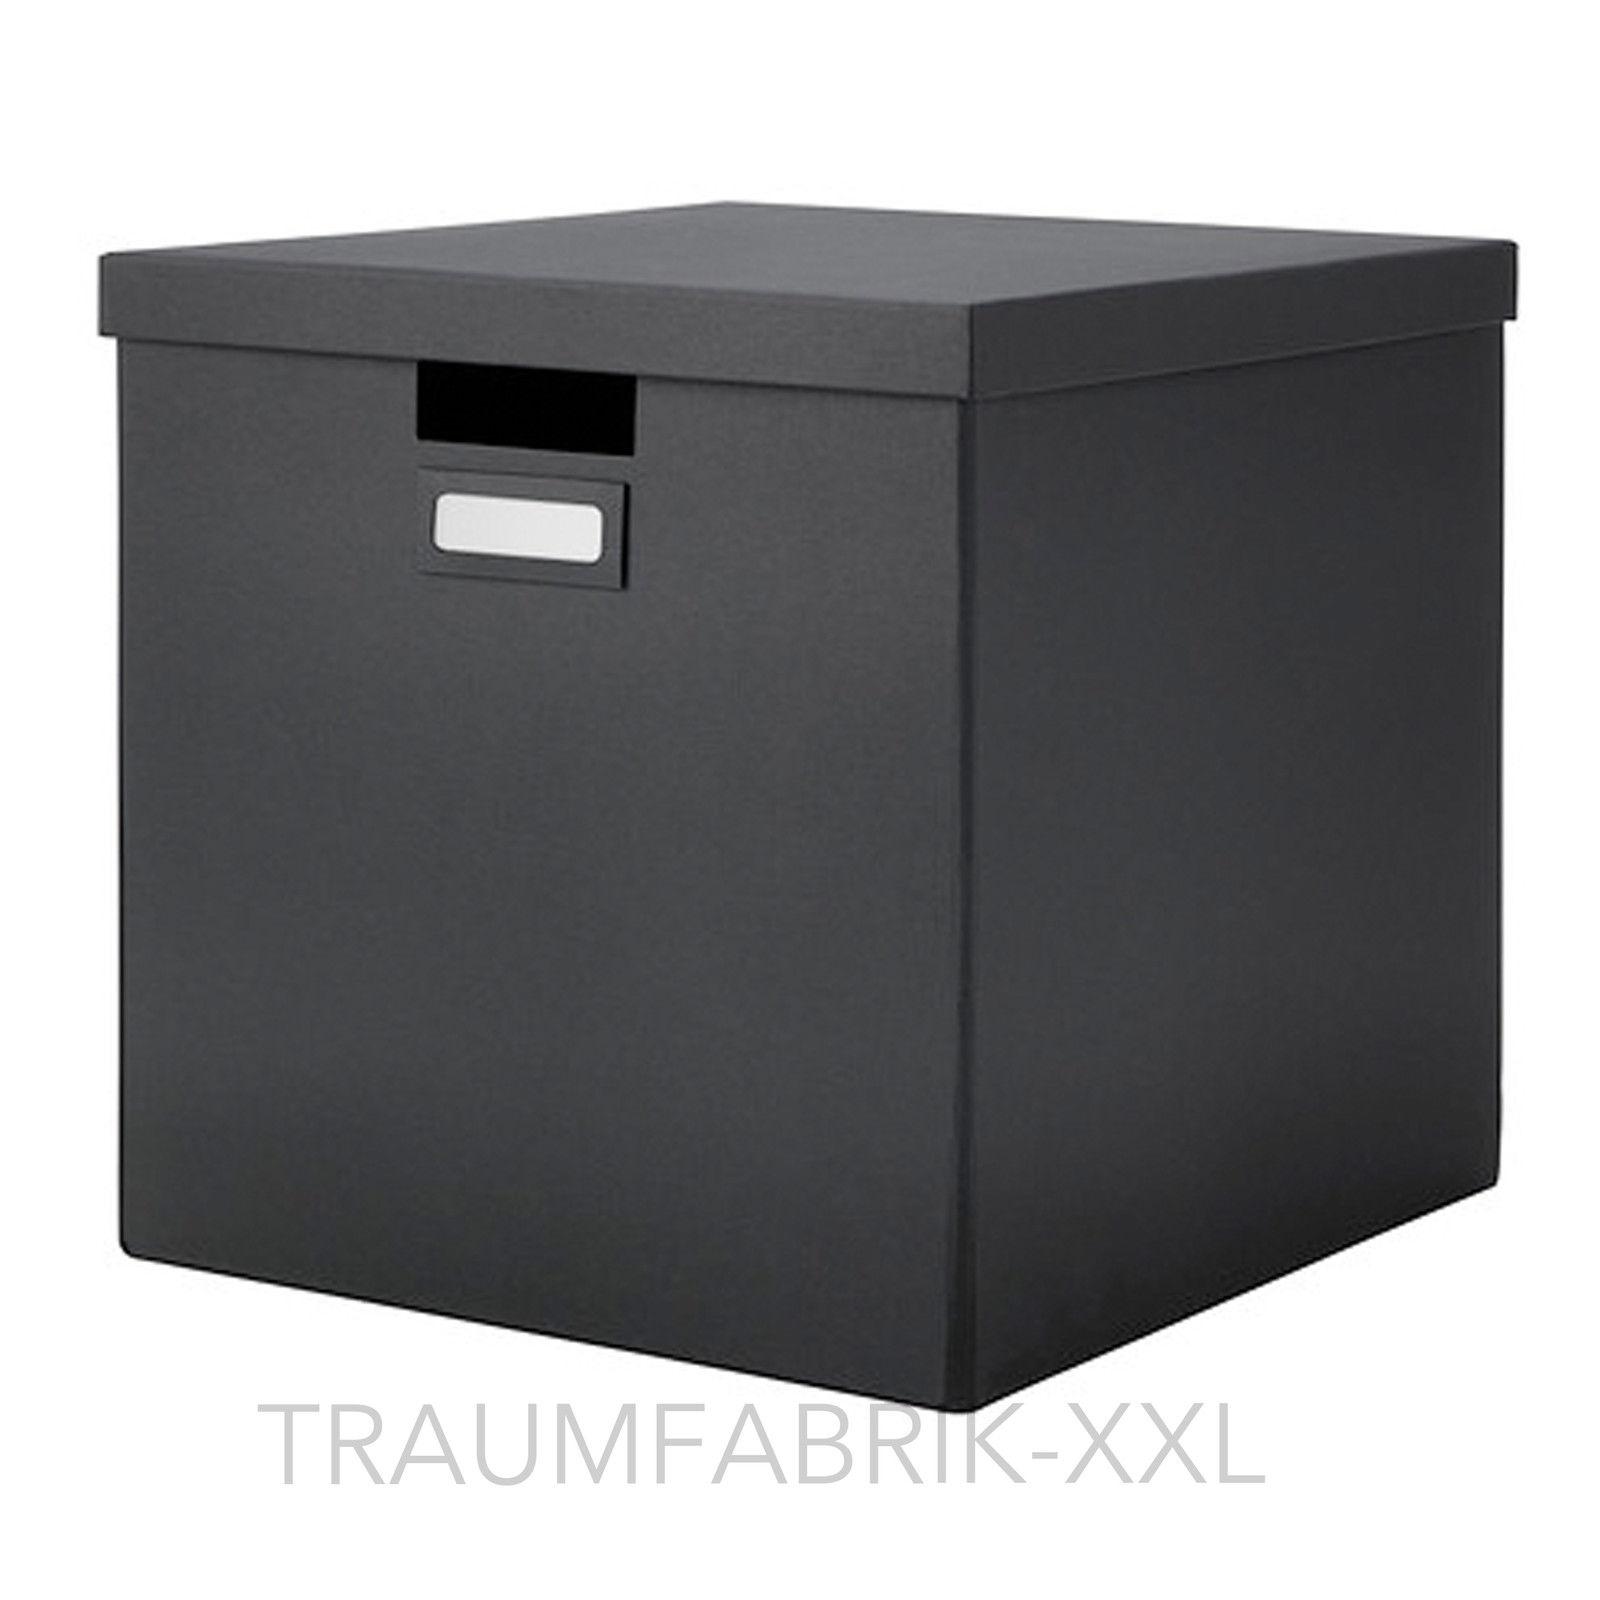 mit deckel trendy mit deckel kg blauglanz with mit deckel. Black Bedroom Furniture Sets. Home Design Ideas